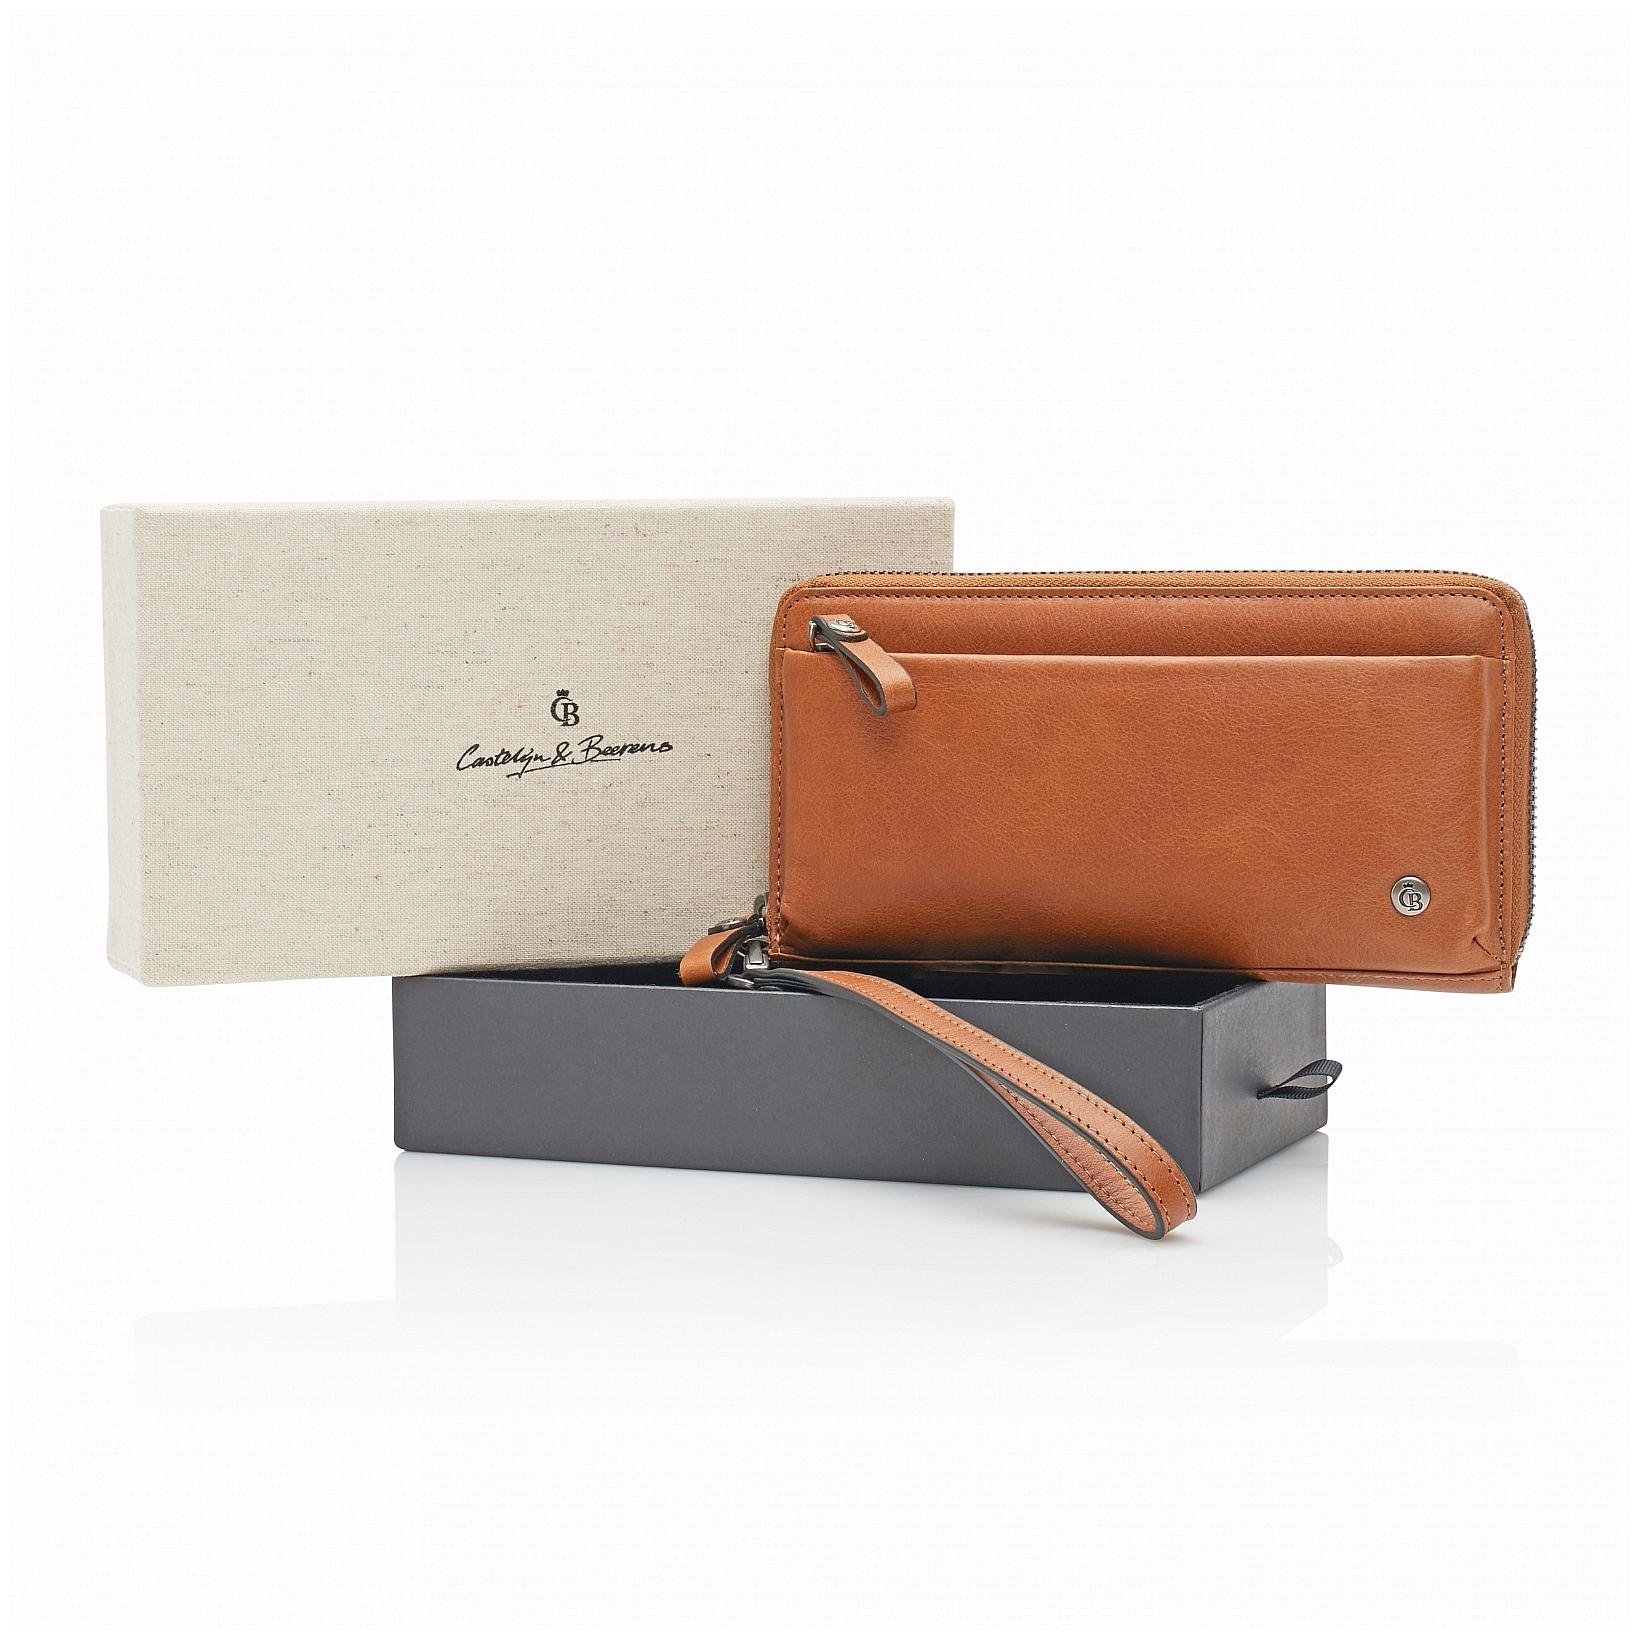 Castelijn & Beerens Dámská kožená peněženka v dárkové krabičce 805515 LB koňak